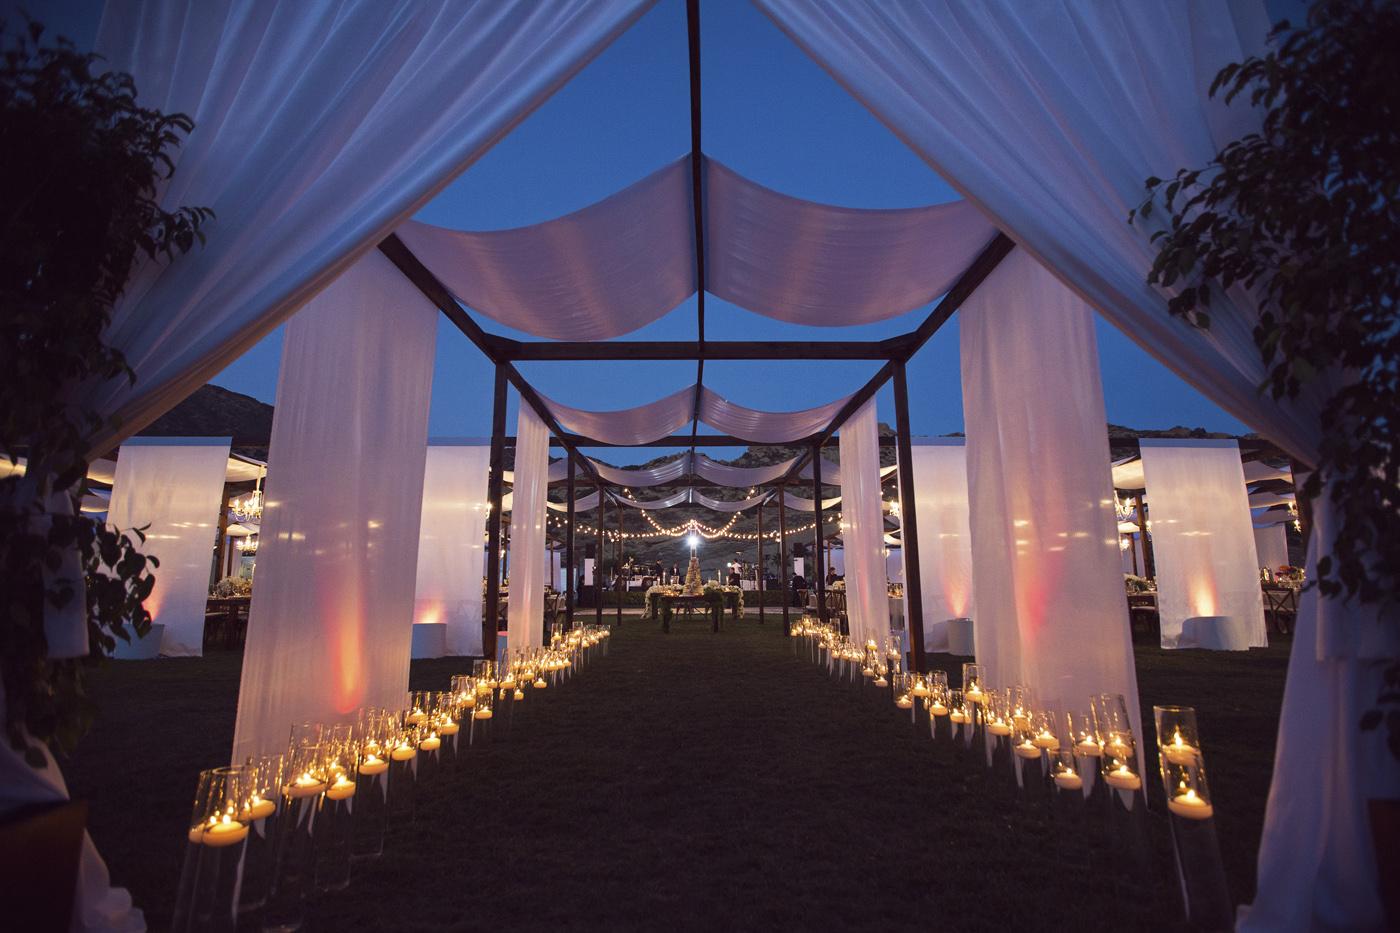 054_DukePhotography_DukeImages_Wedding_Details.jpg